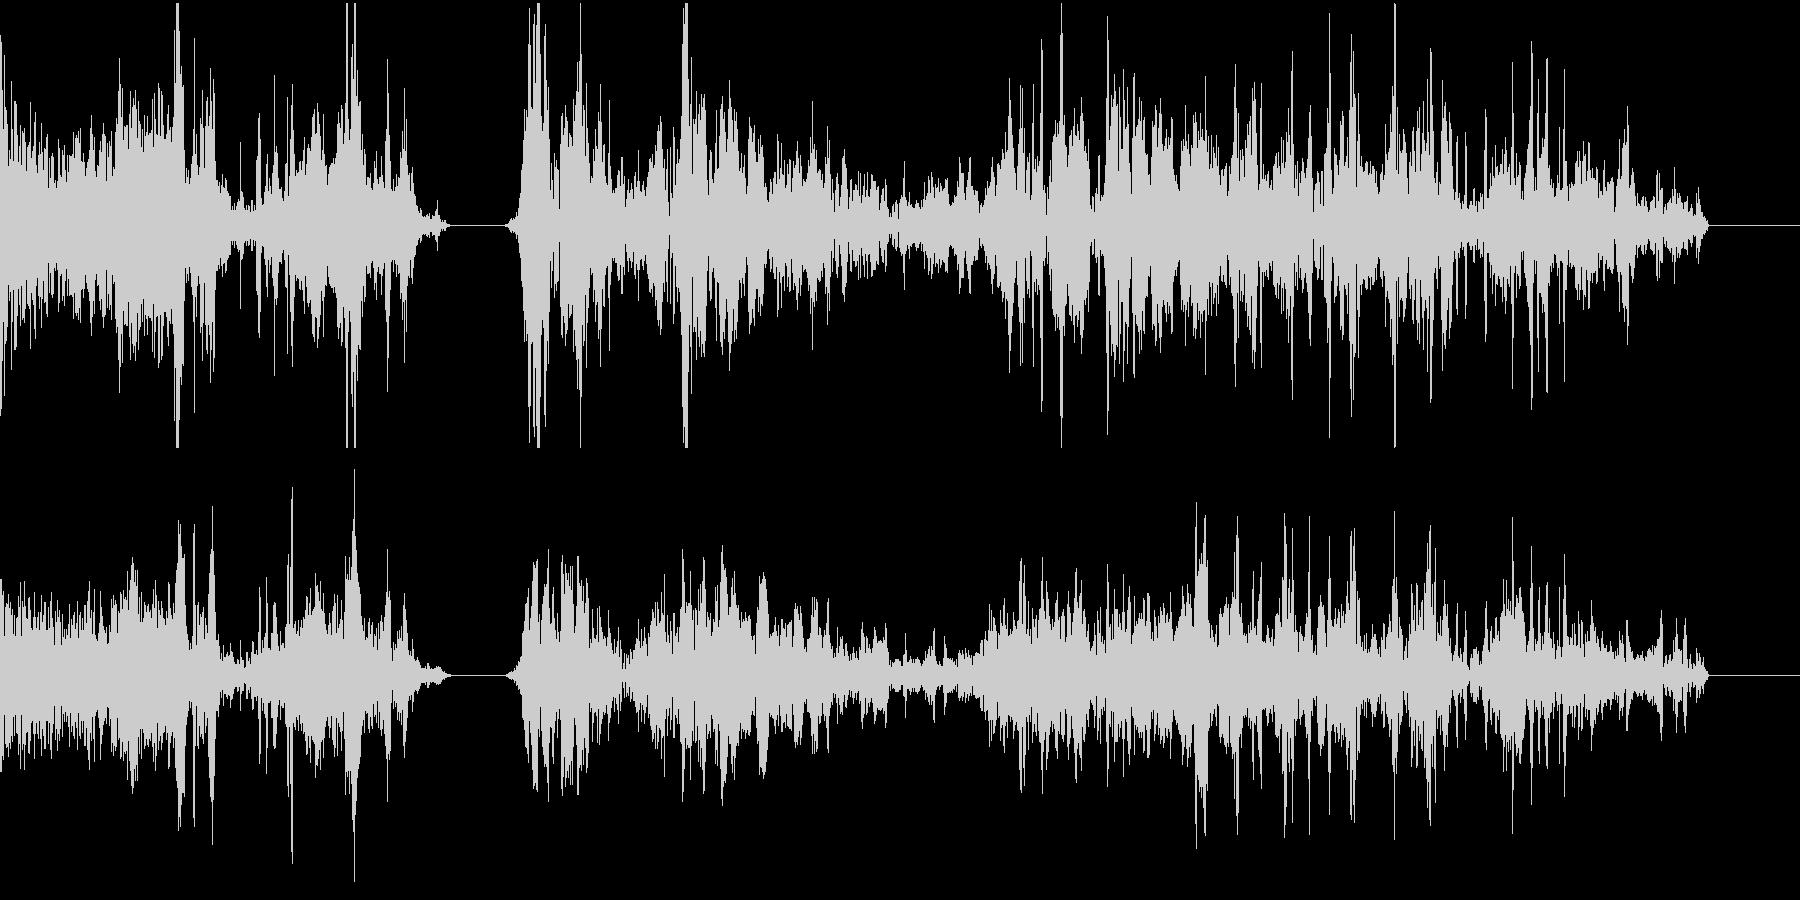 TVFX POPなザッピング音 2の未再生の波形